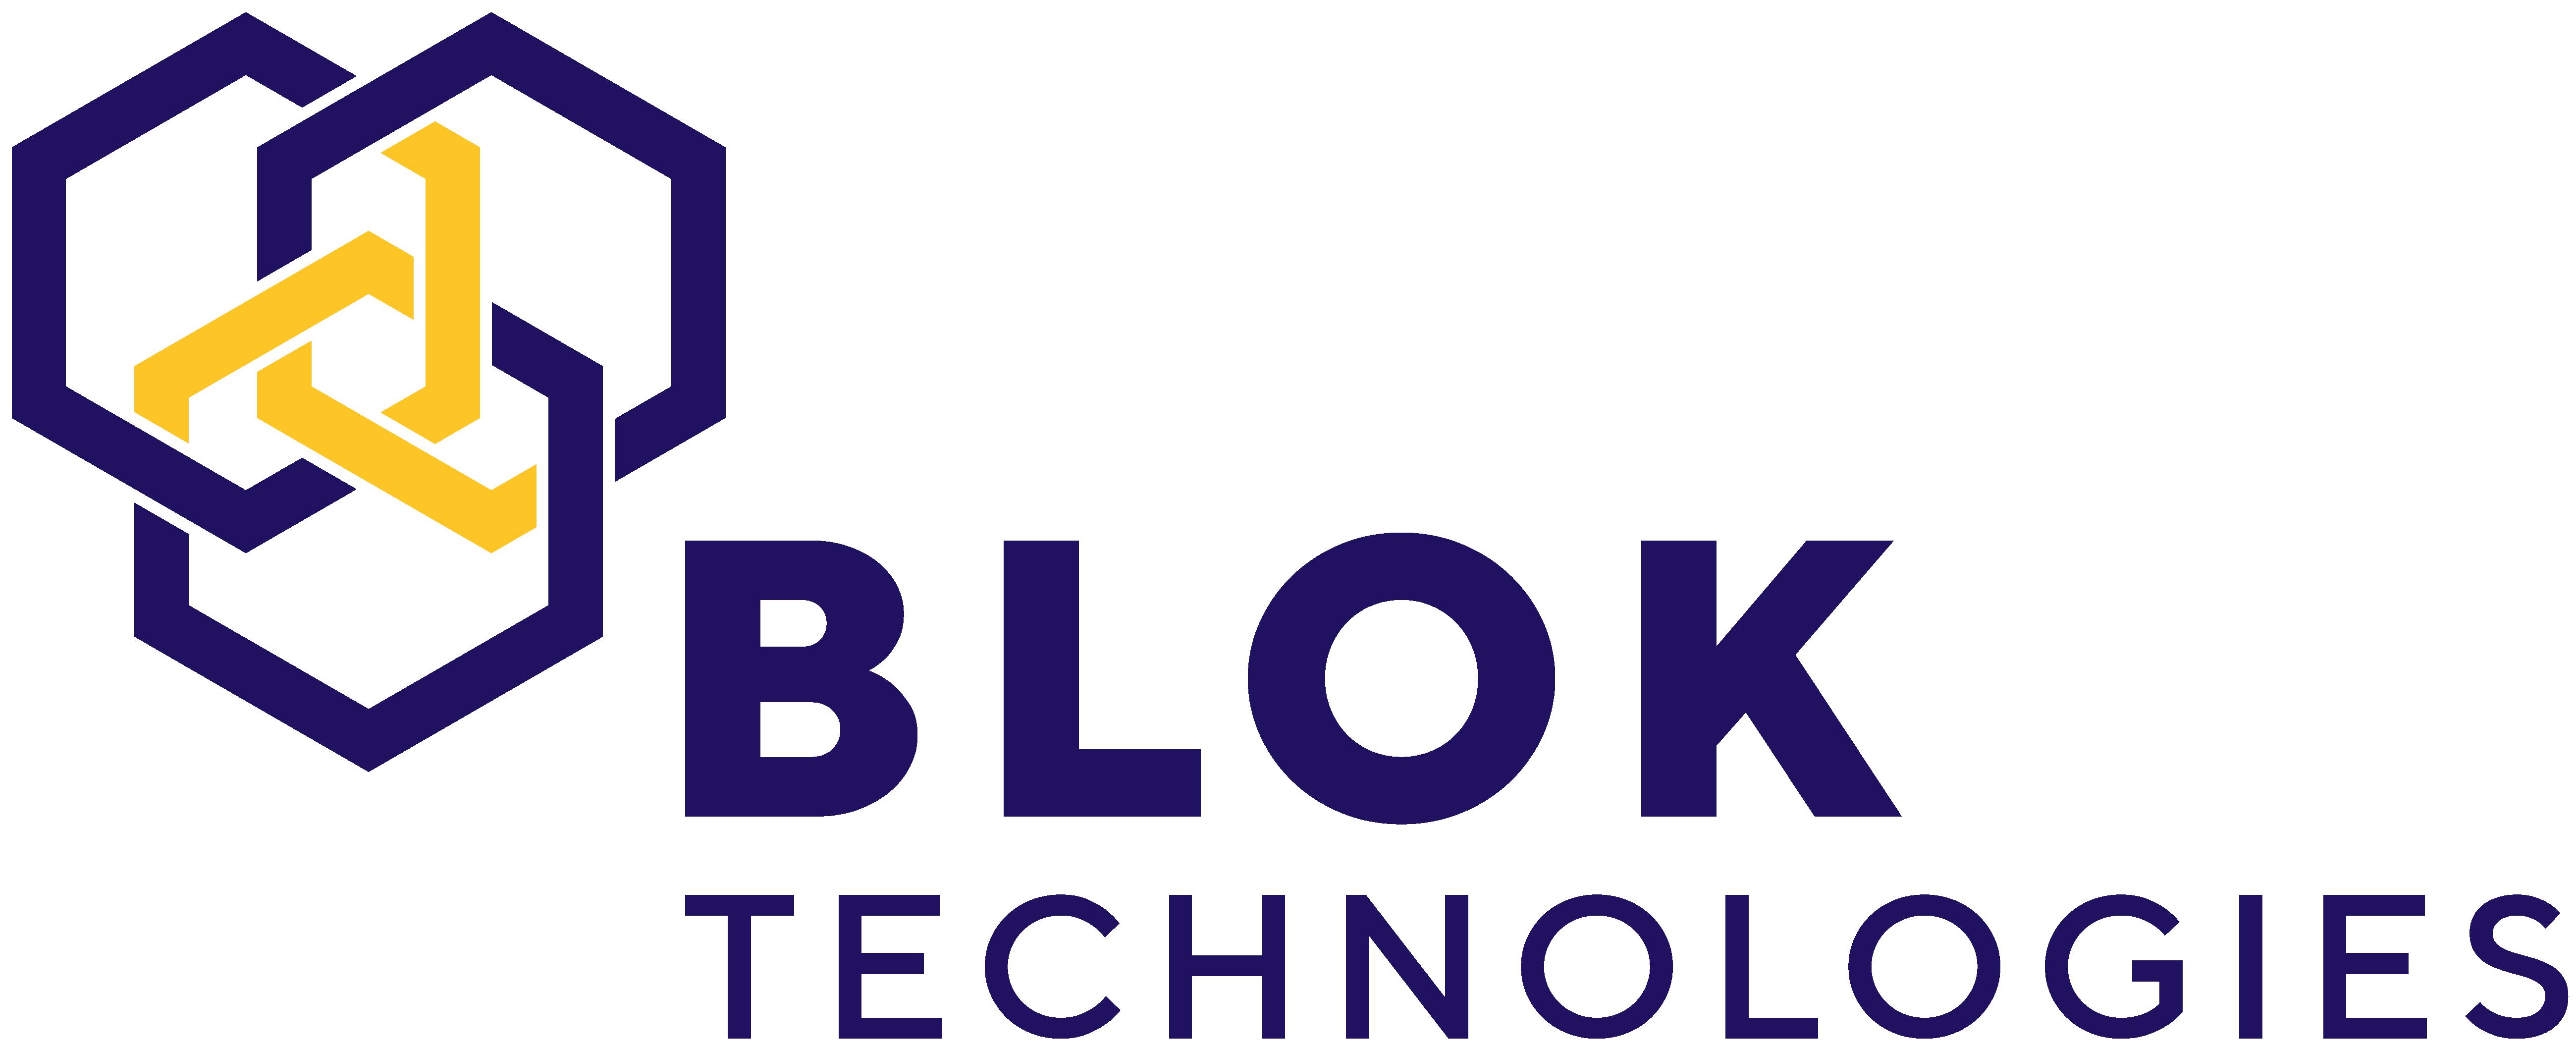 BLOK Technologies Announces Change of Management